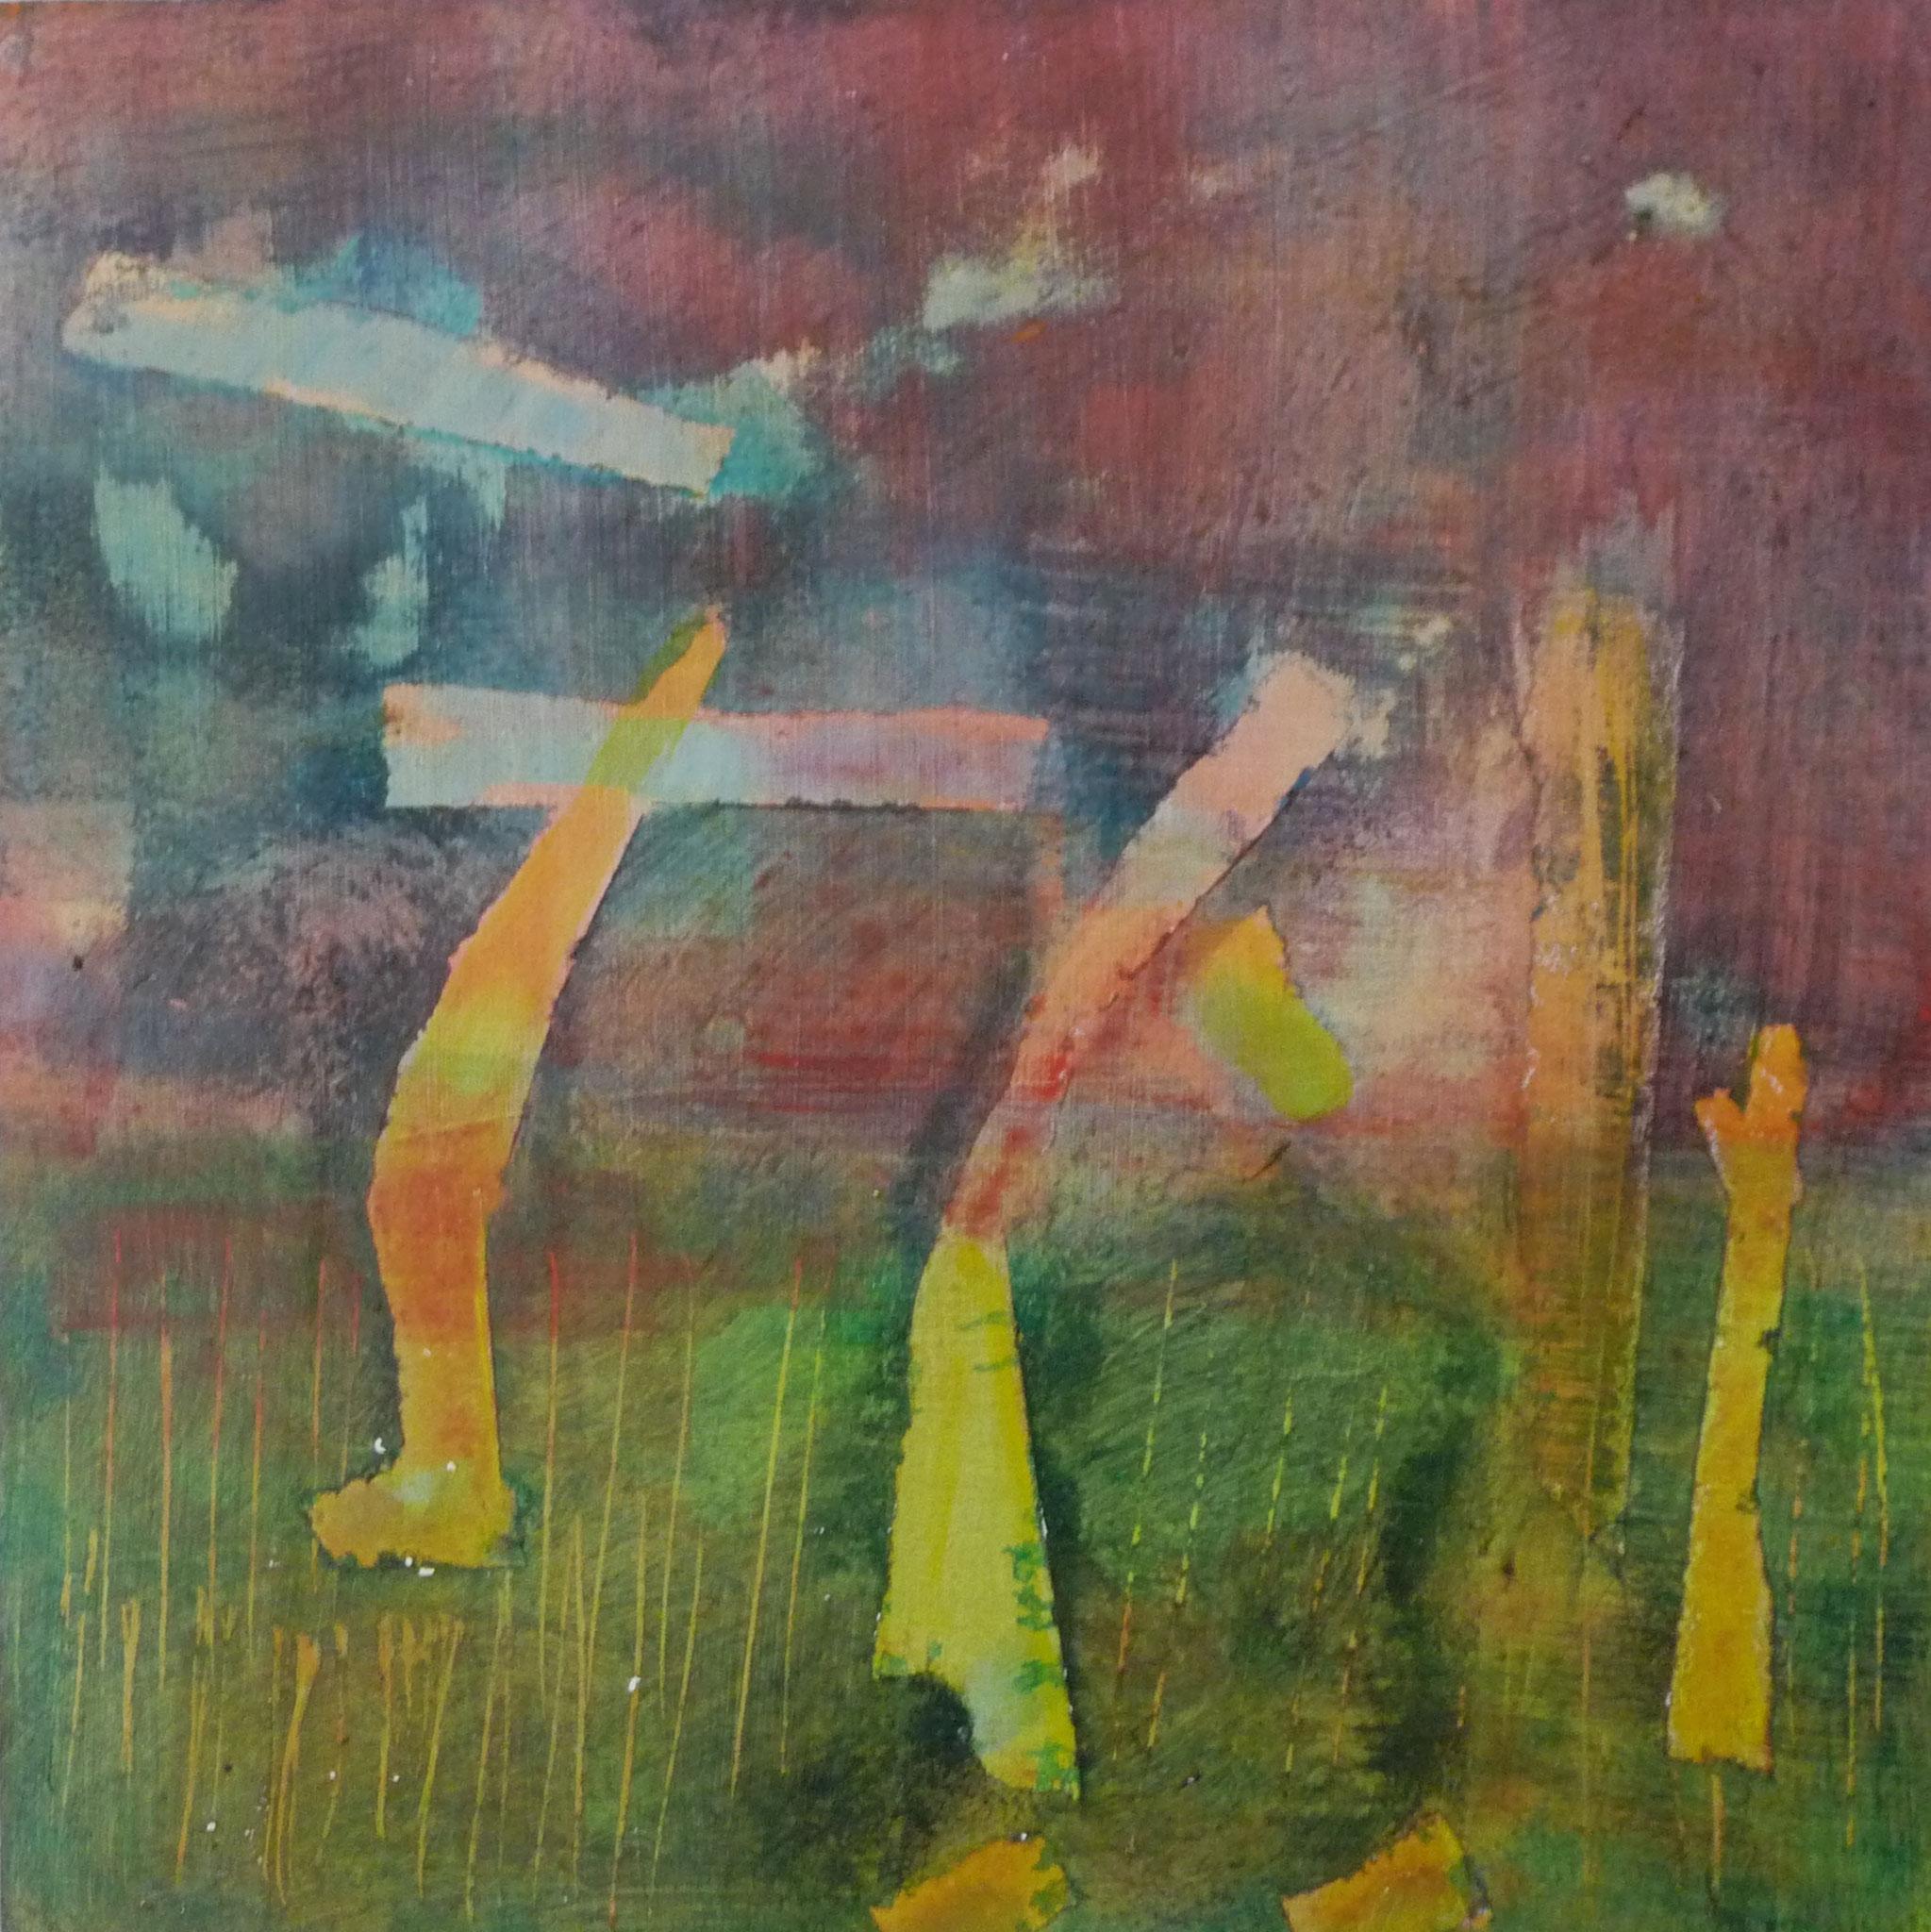 Sans titre    --- 2015 - Acrylique sur papier marouflé sur bois - 20 x 20 cm